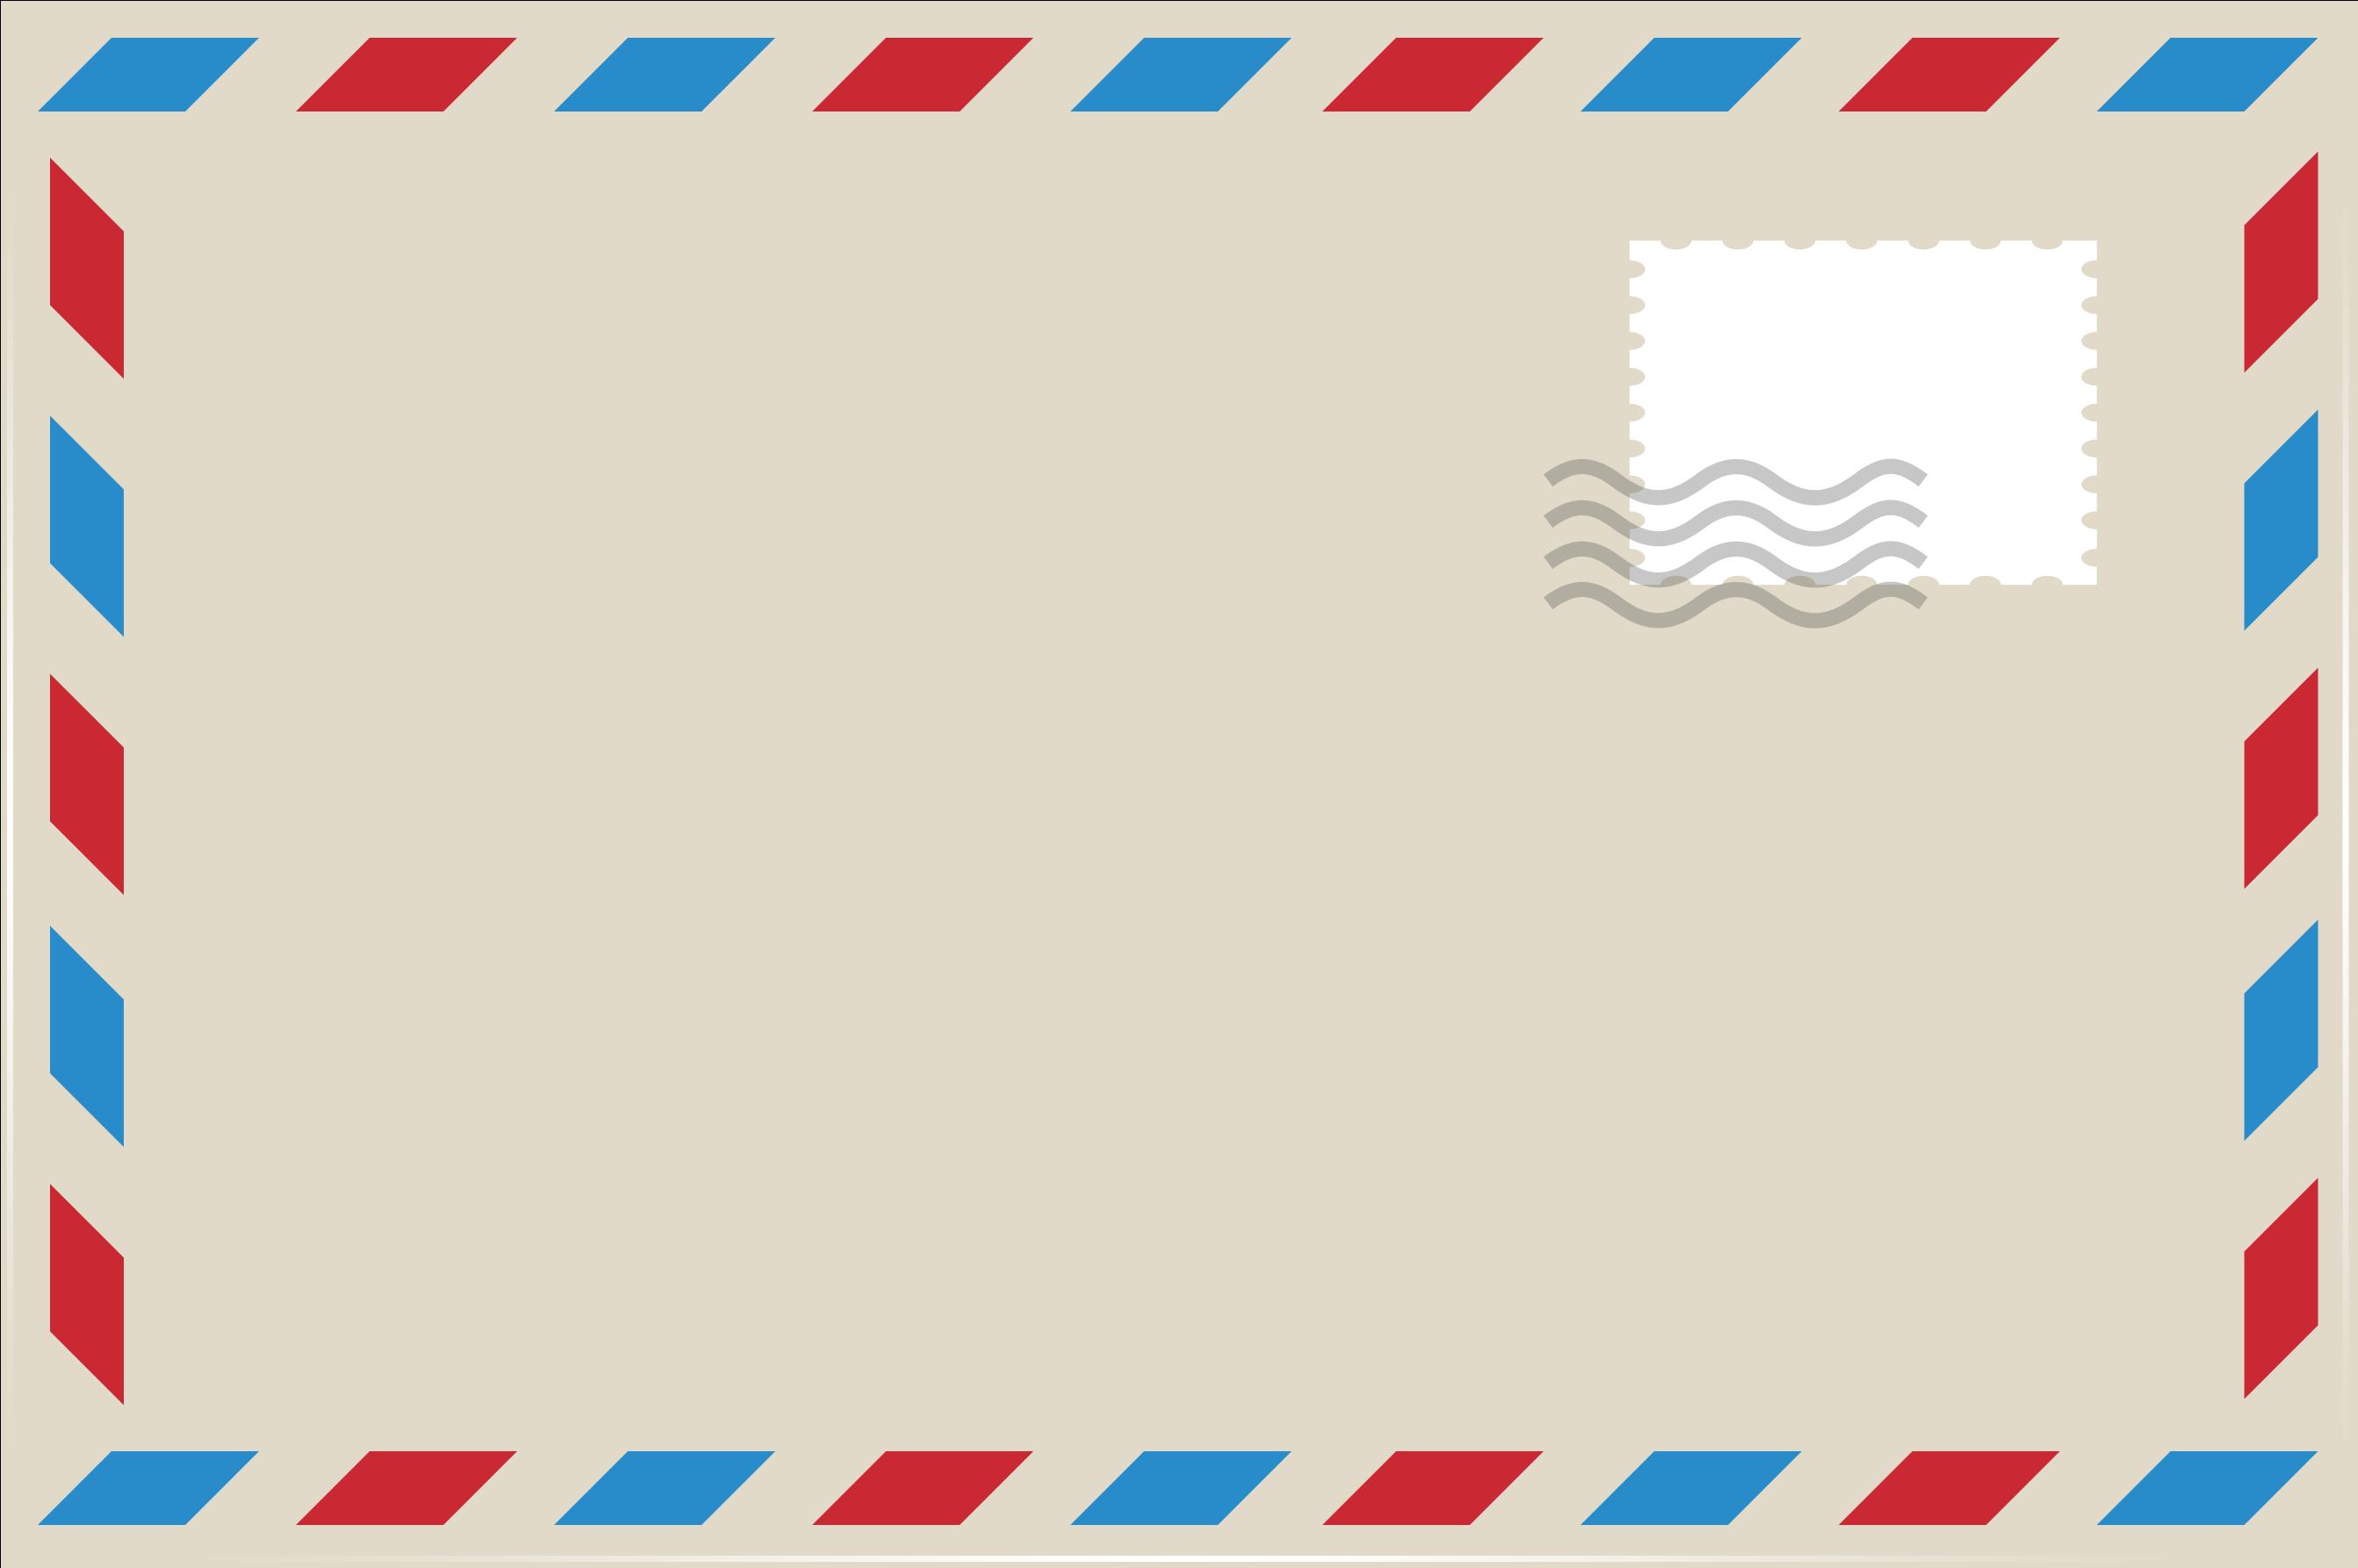 Envelope Paper Postage Stamp - Quality Park R1600 Moisture-resistant Envelopes (3454x2665), Png Download